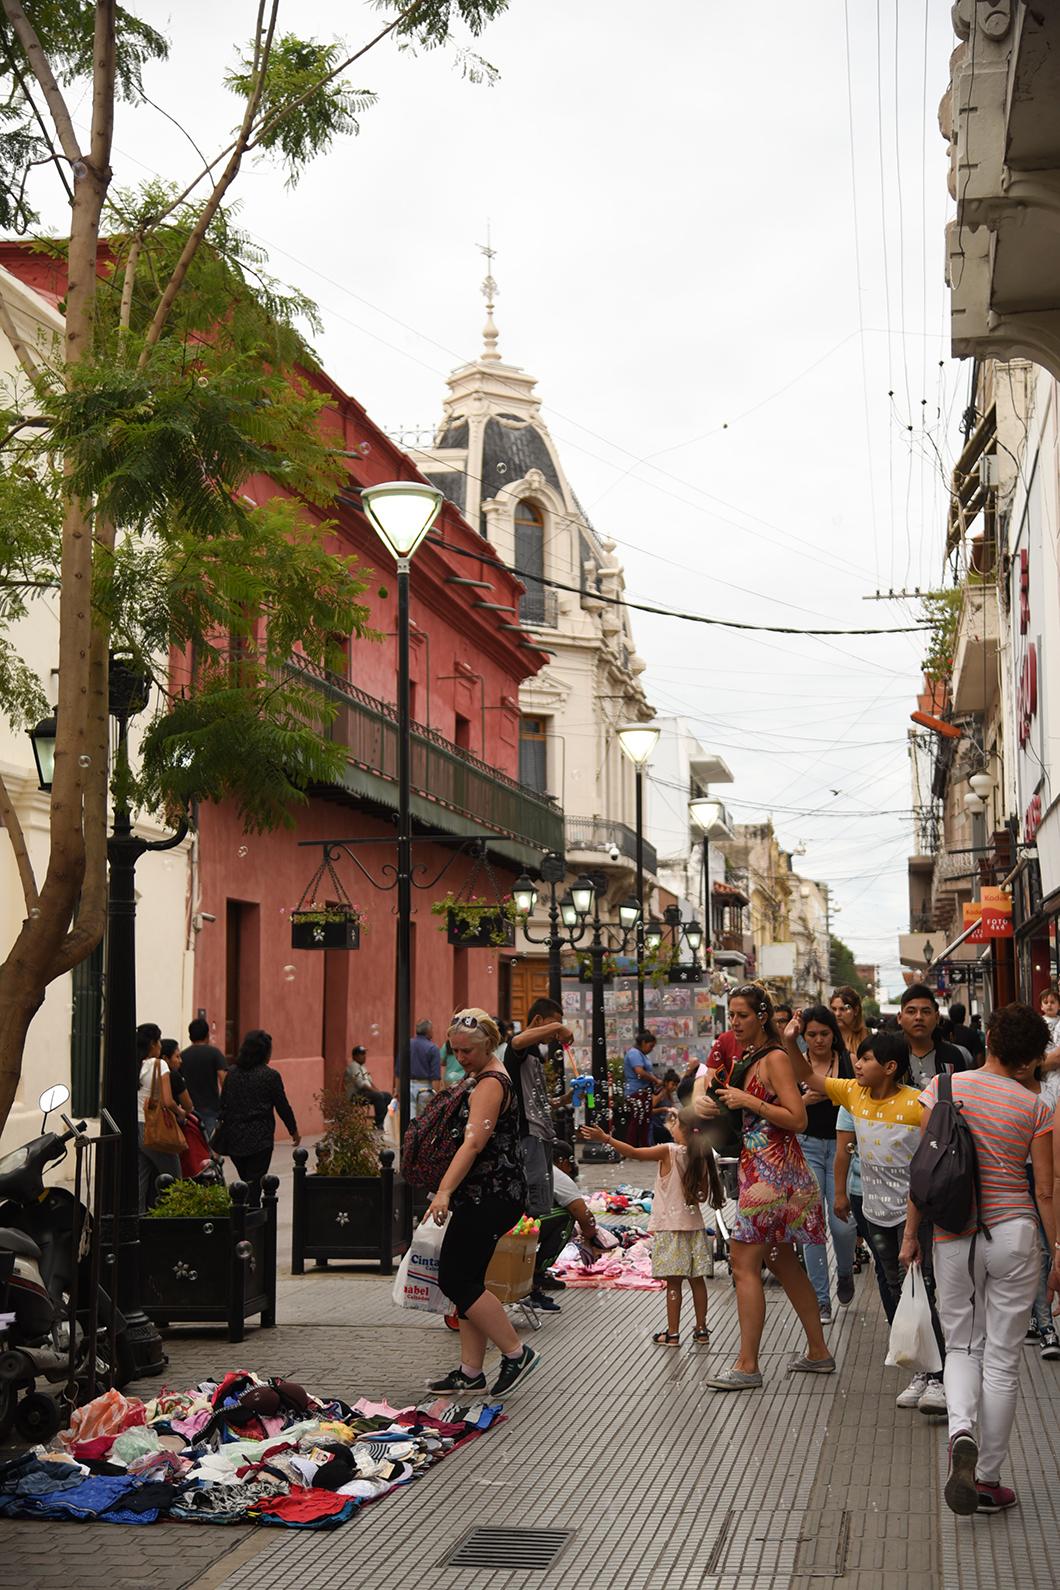 Les rues de Salta